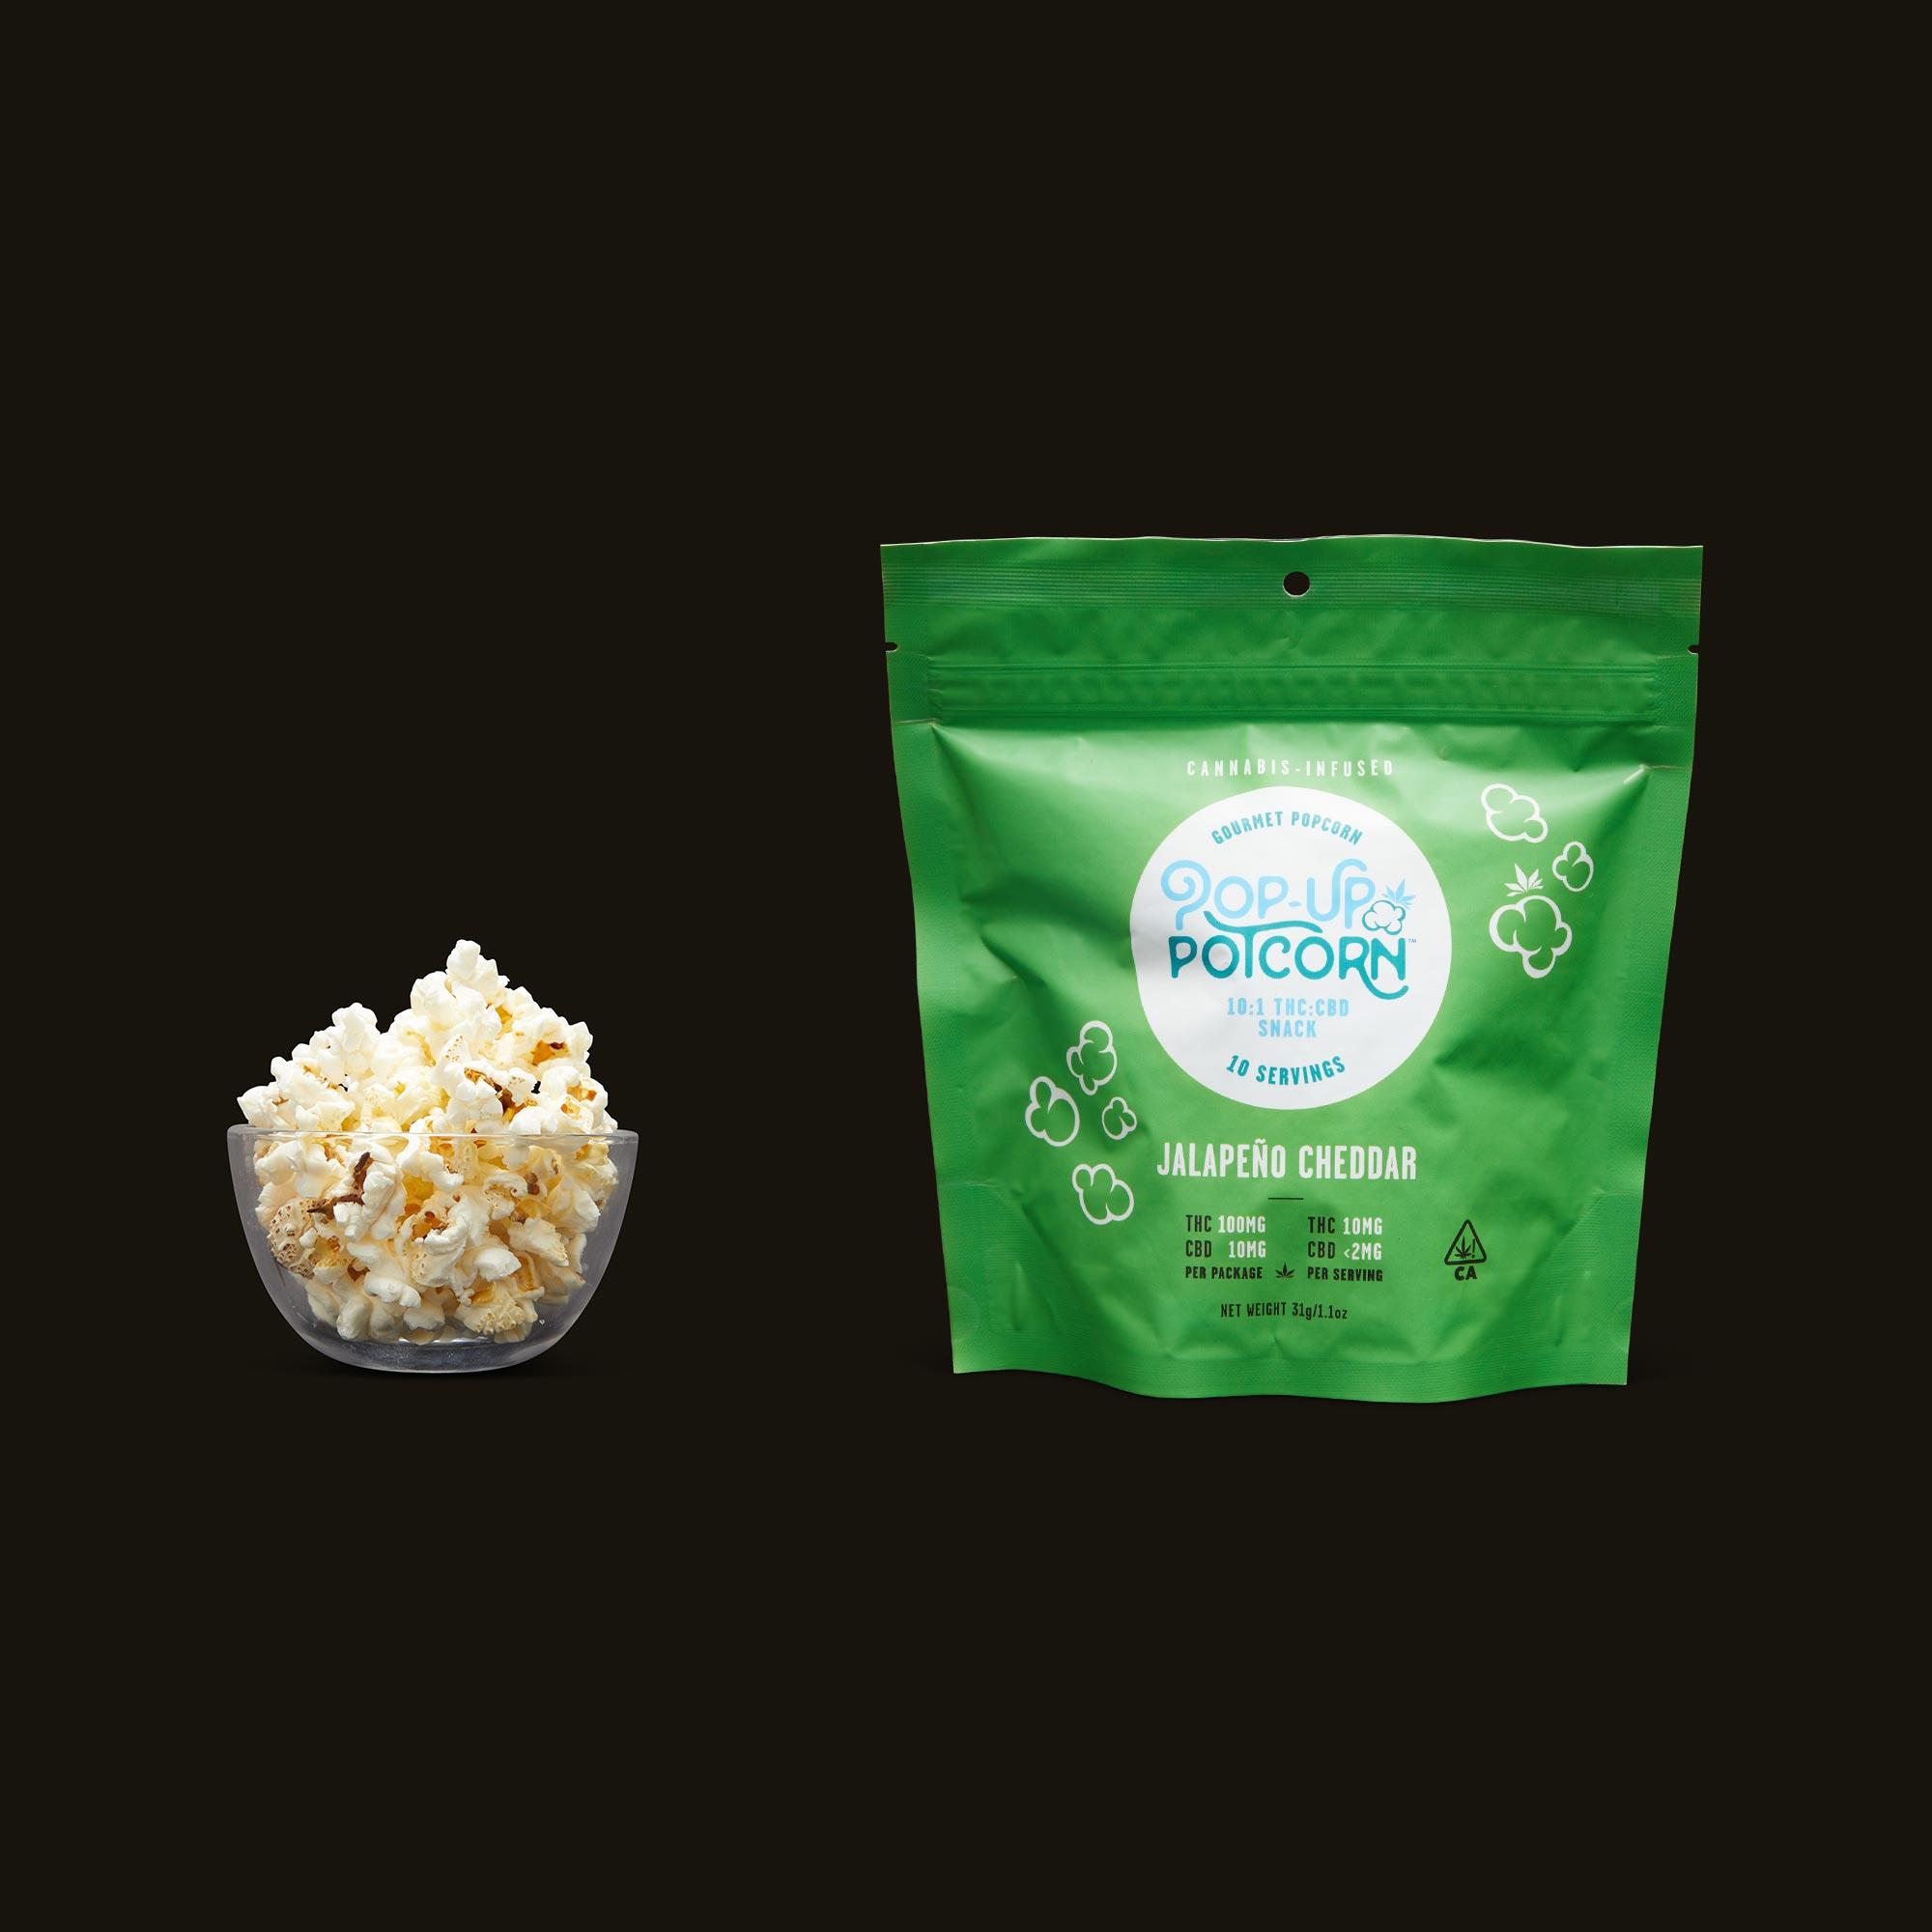 Pop-Up Potcorn Jalapeno Cheddar Popcorn 10:1 - 10 Servings